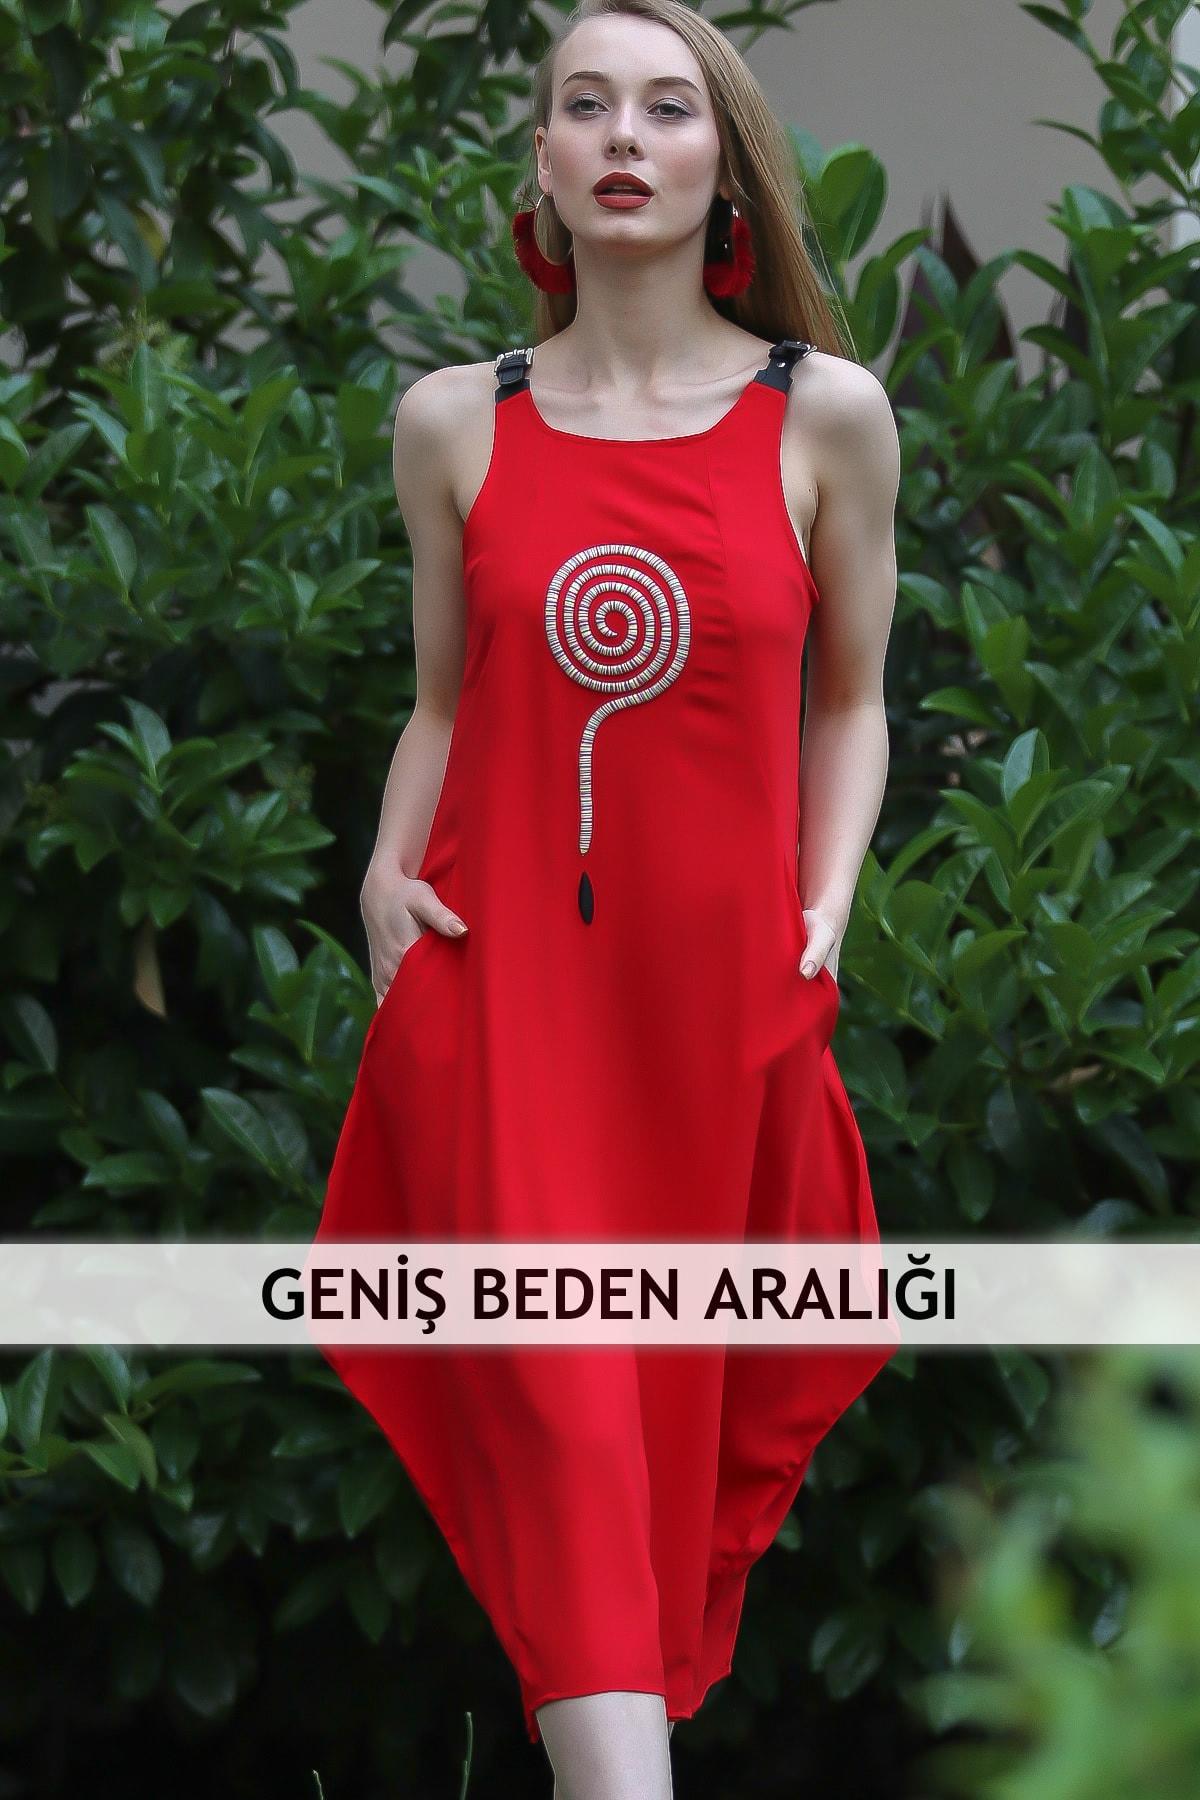 Chiccy Kadın Kırmızı Bohem Deri Askılı Dev Soru İşareti Nakışlı Asimetrik Cepli Elbise M10160000EL96810